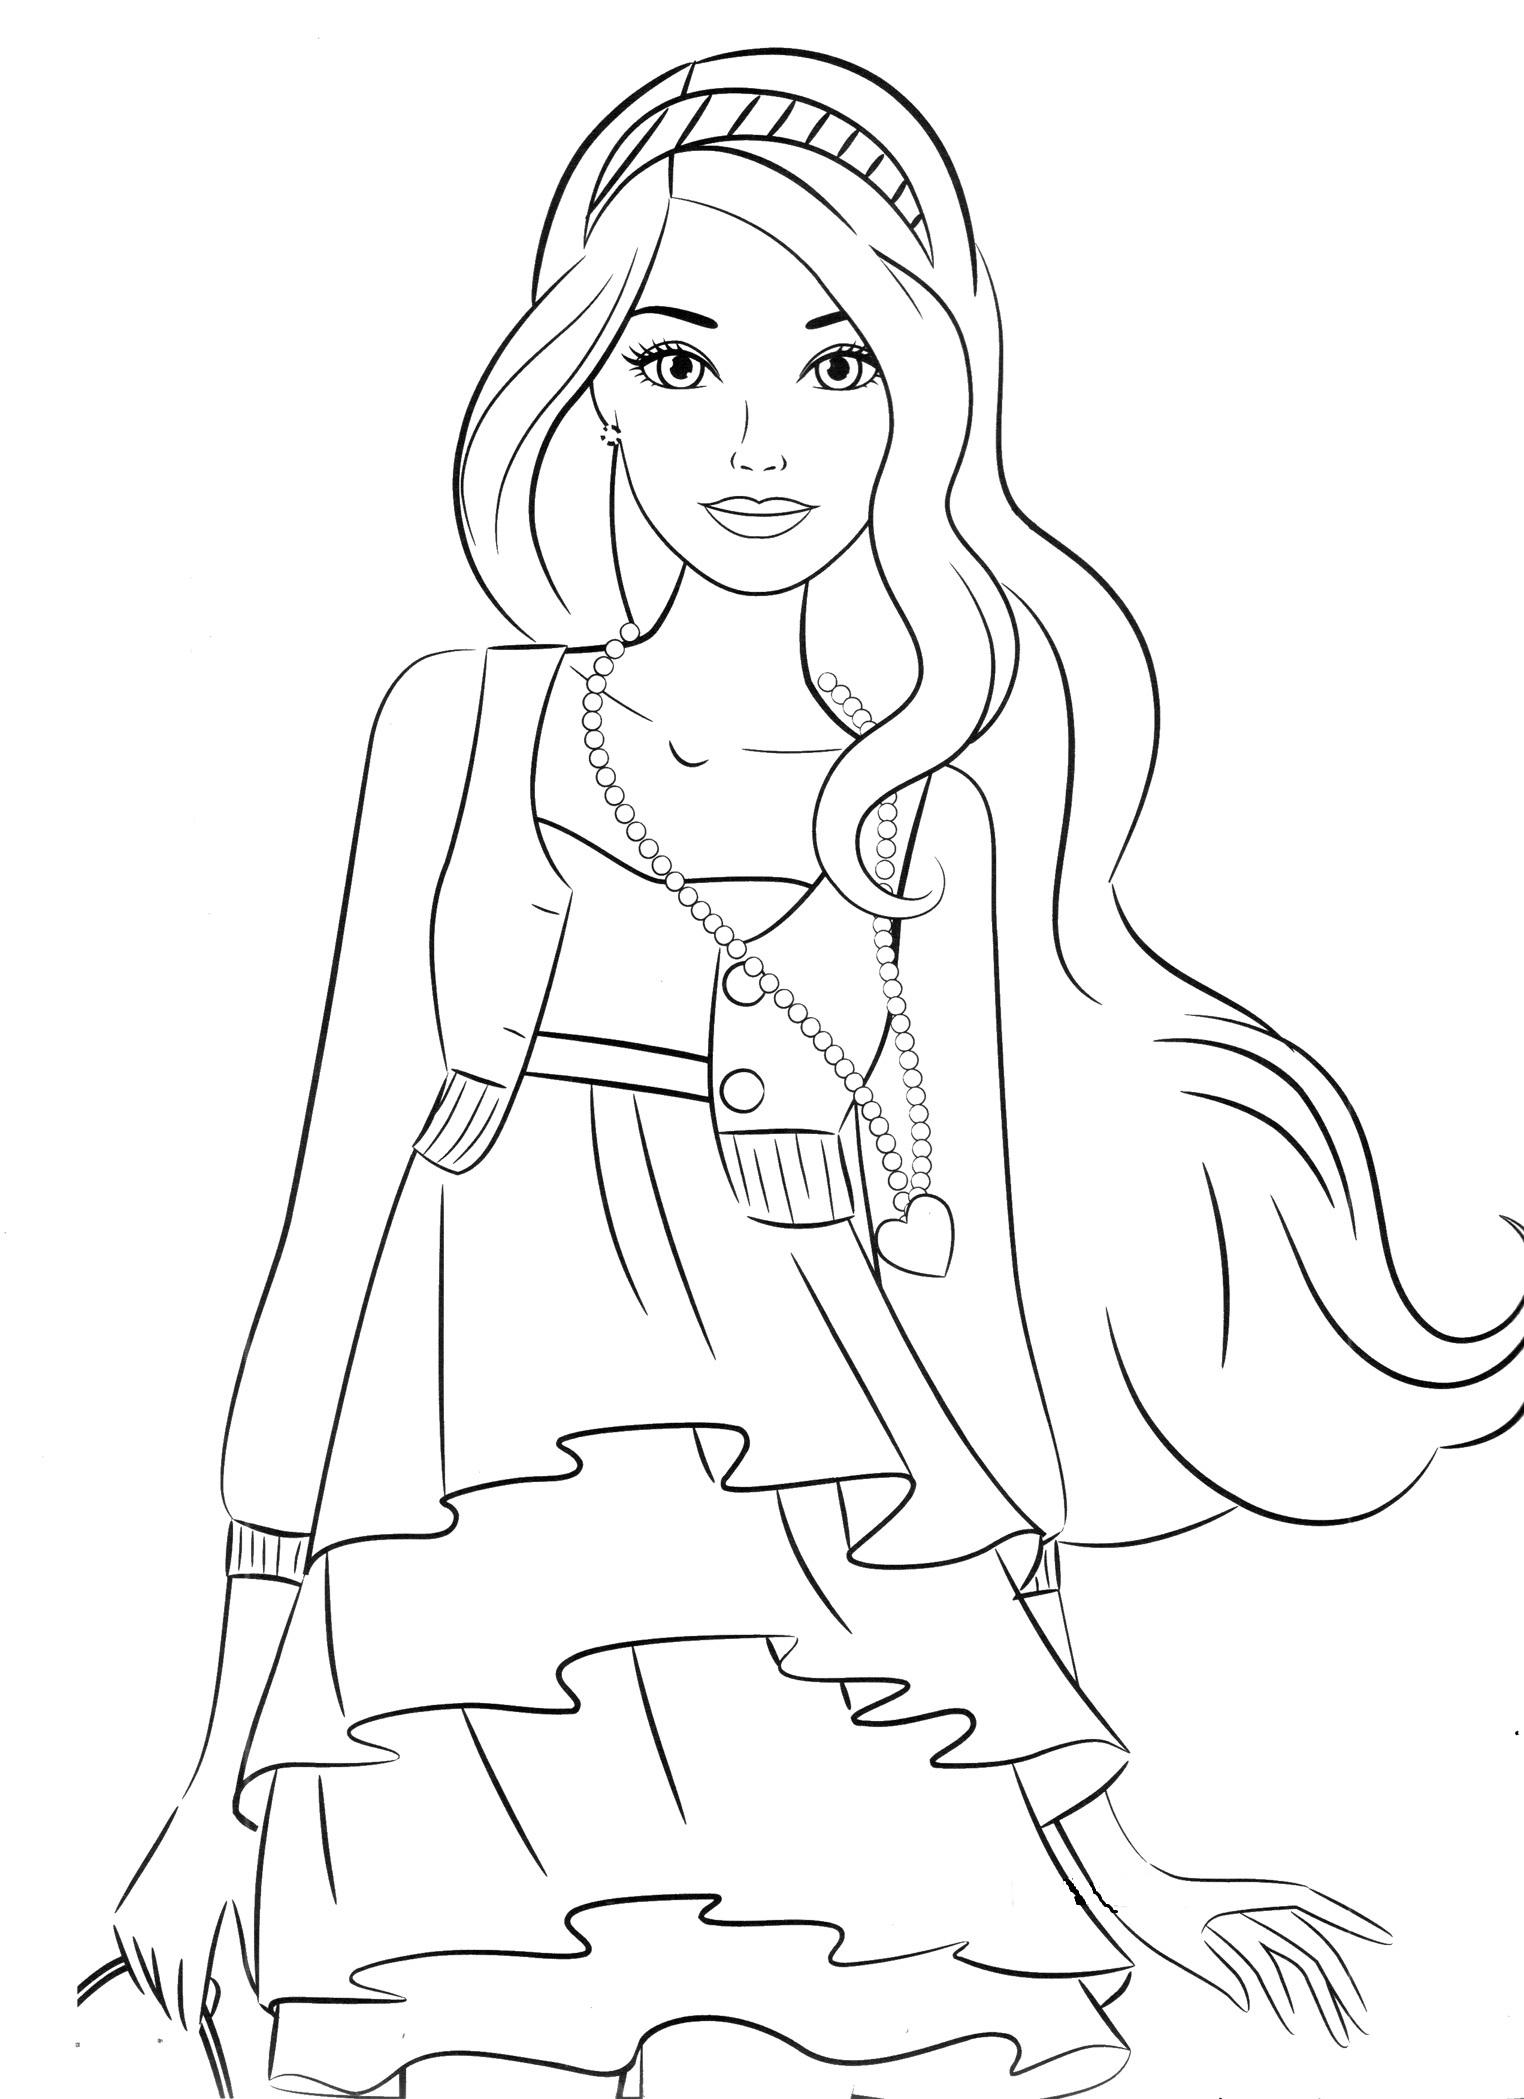 раскраска девочка в платье детские раскраски распечатать